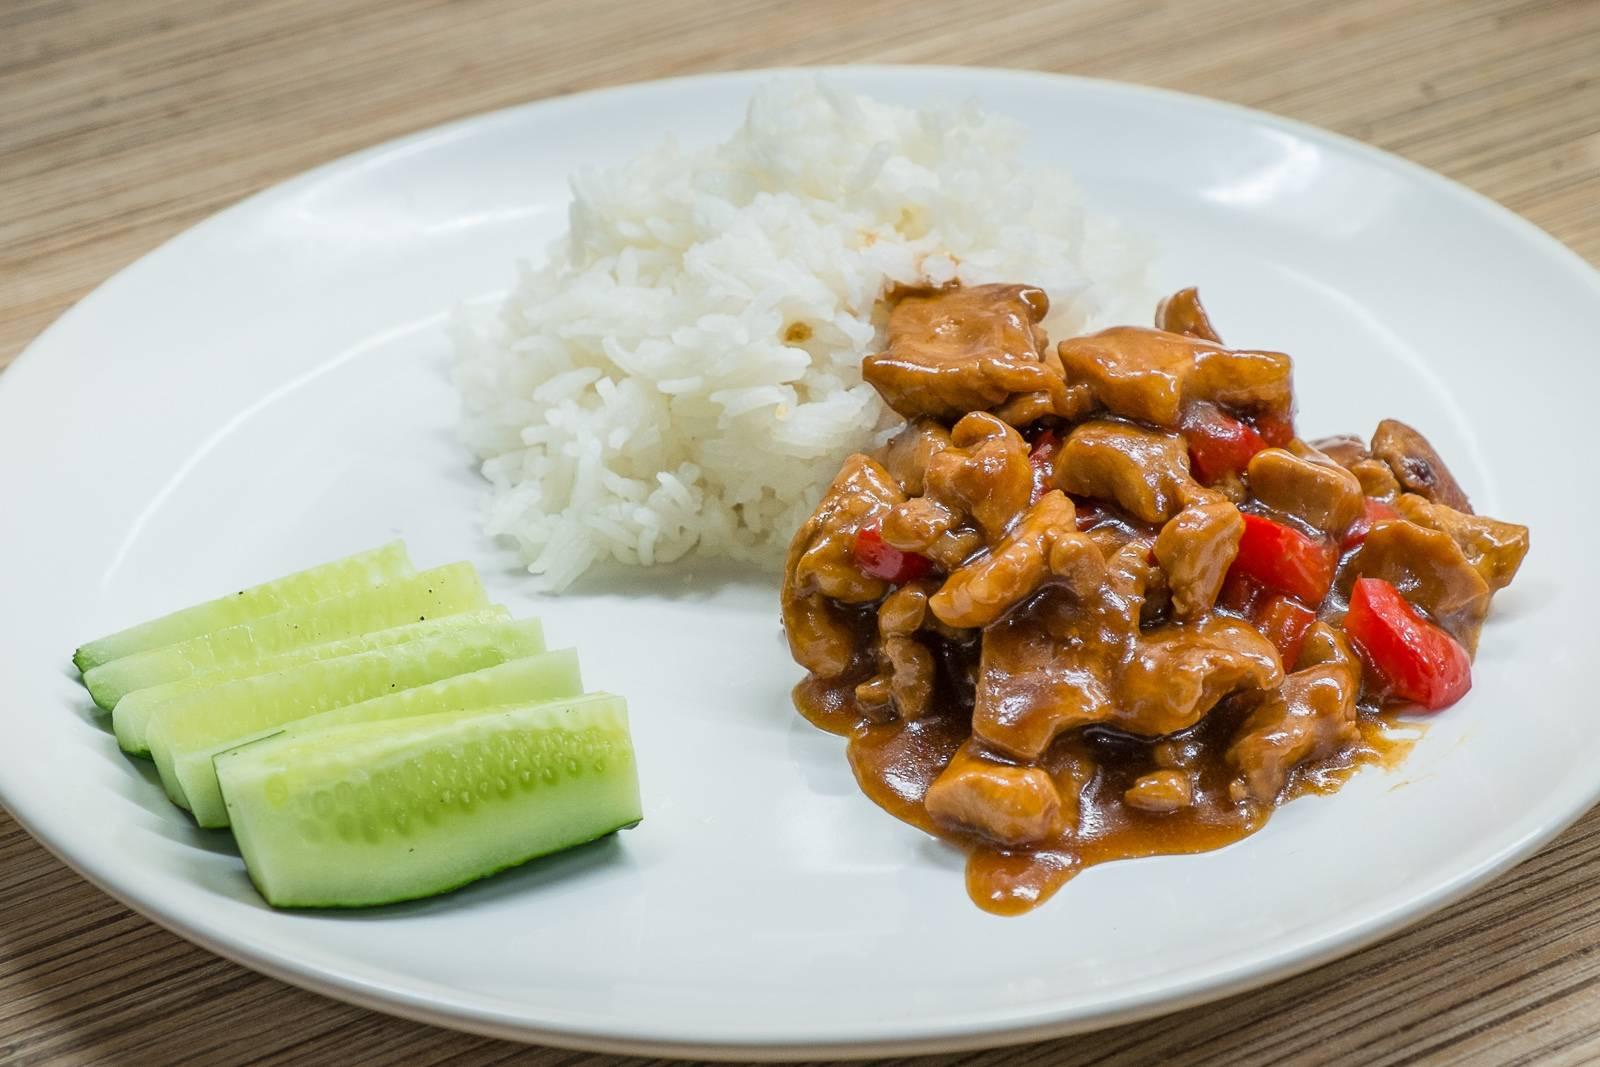 Куриное филе в кисло-сладком соусе по-китайски • кушать нет